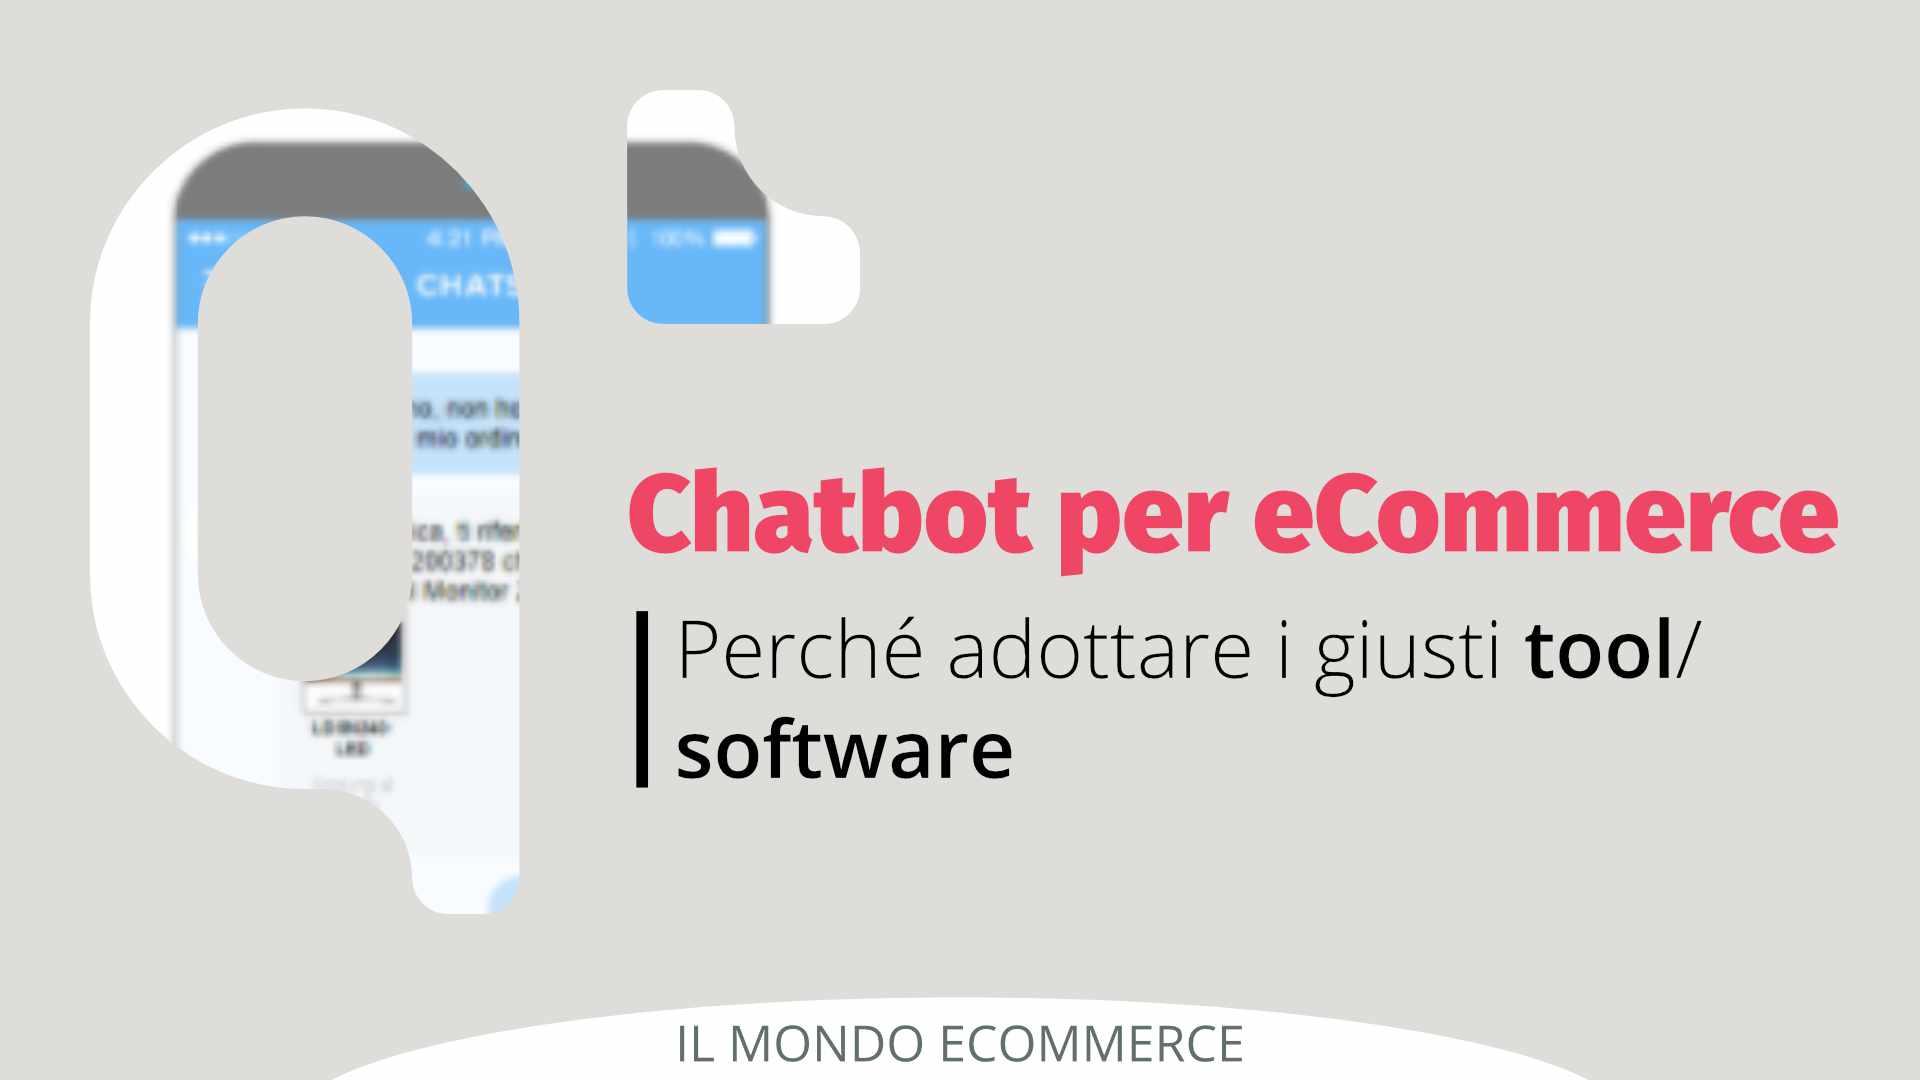 Chatbot per eCommerce: perché adottarli